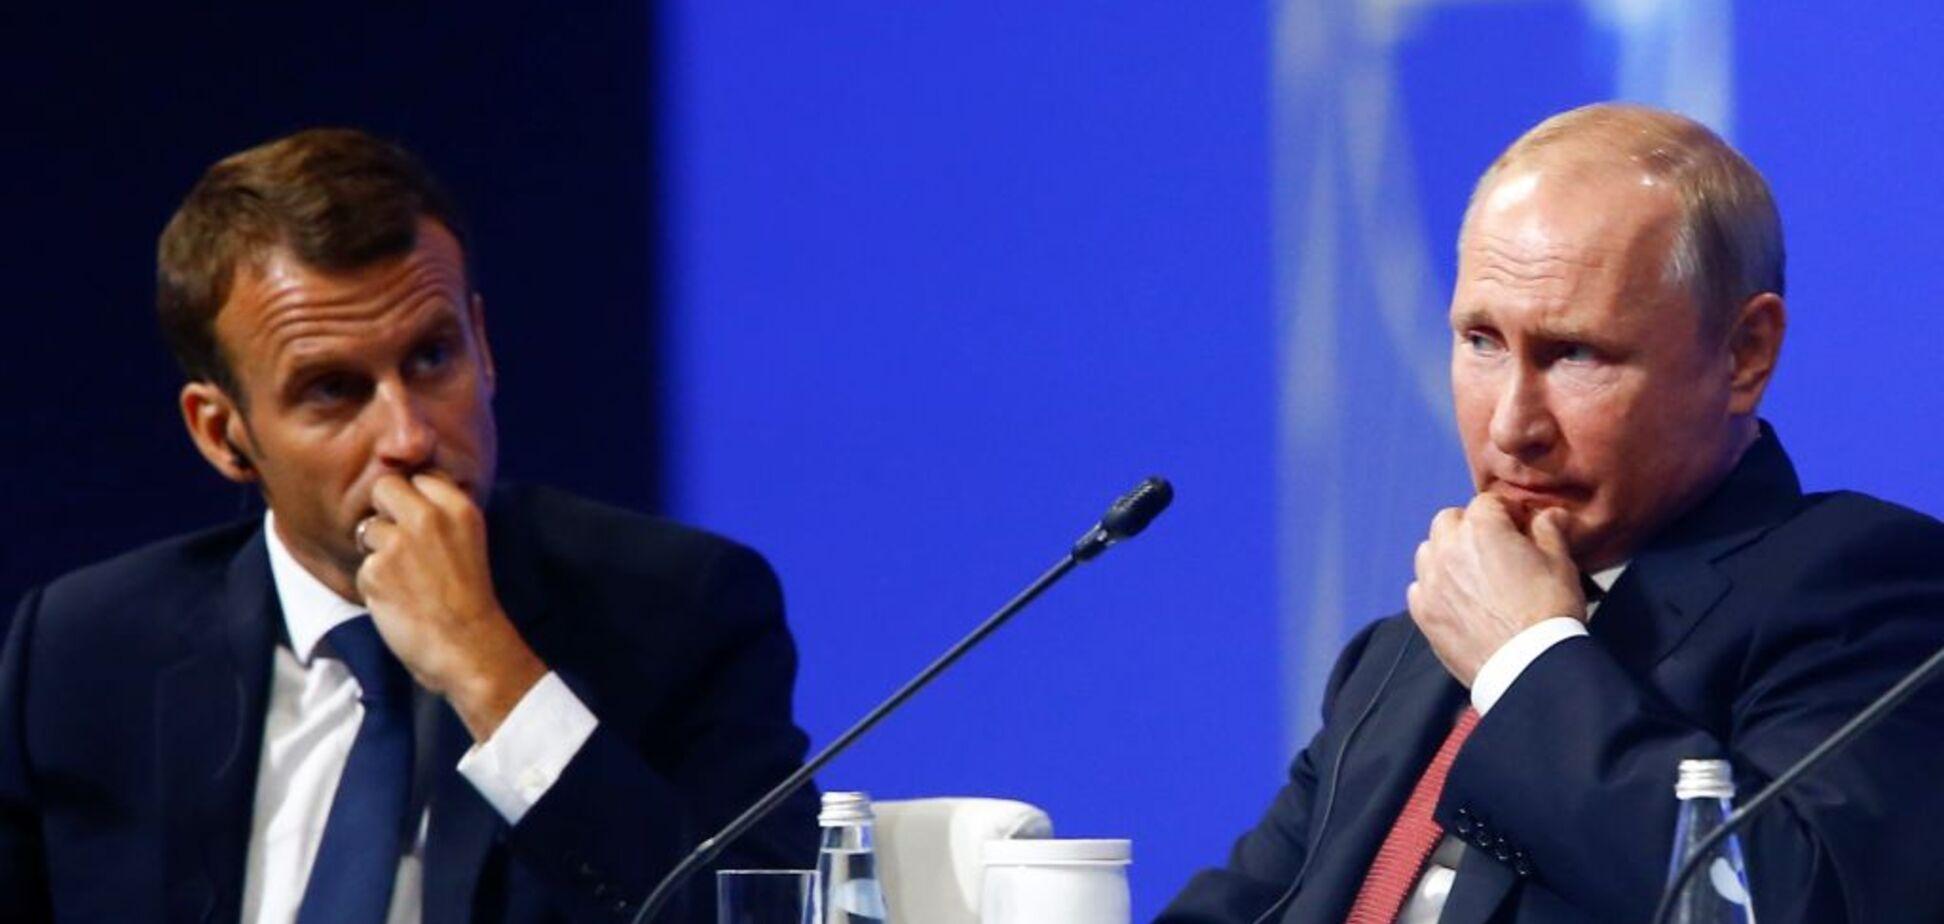 Путин открыто глумился над жертвами катастрофы